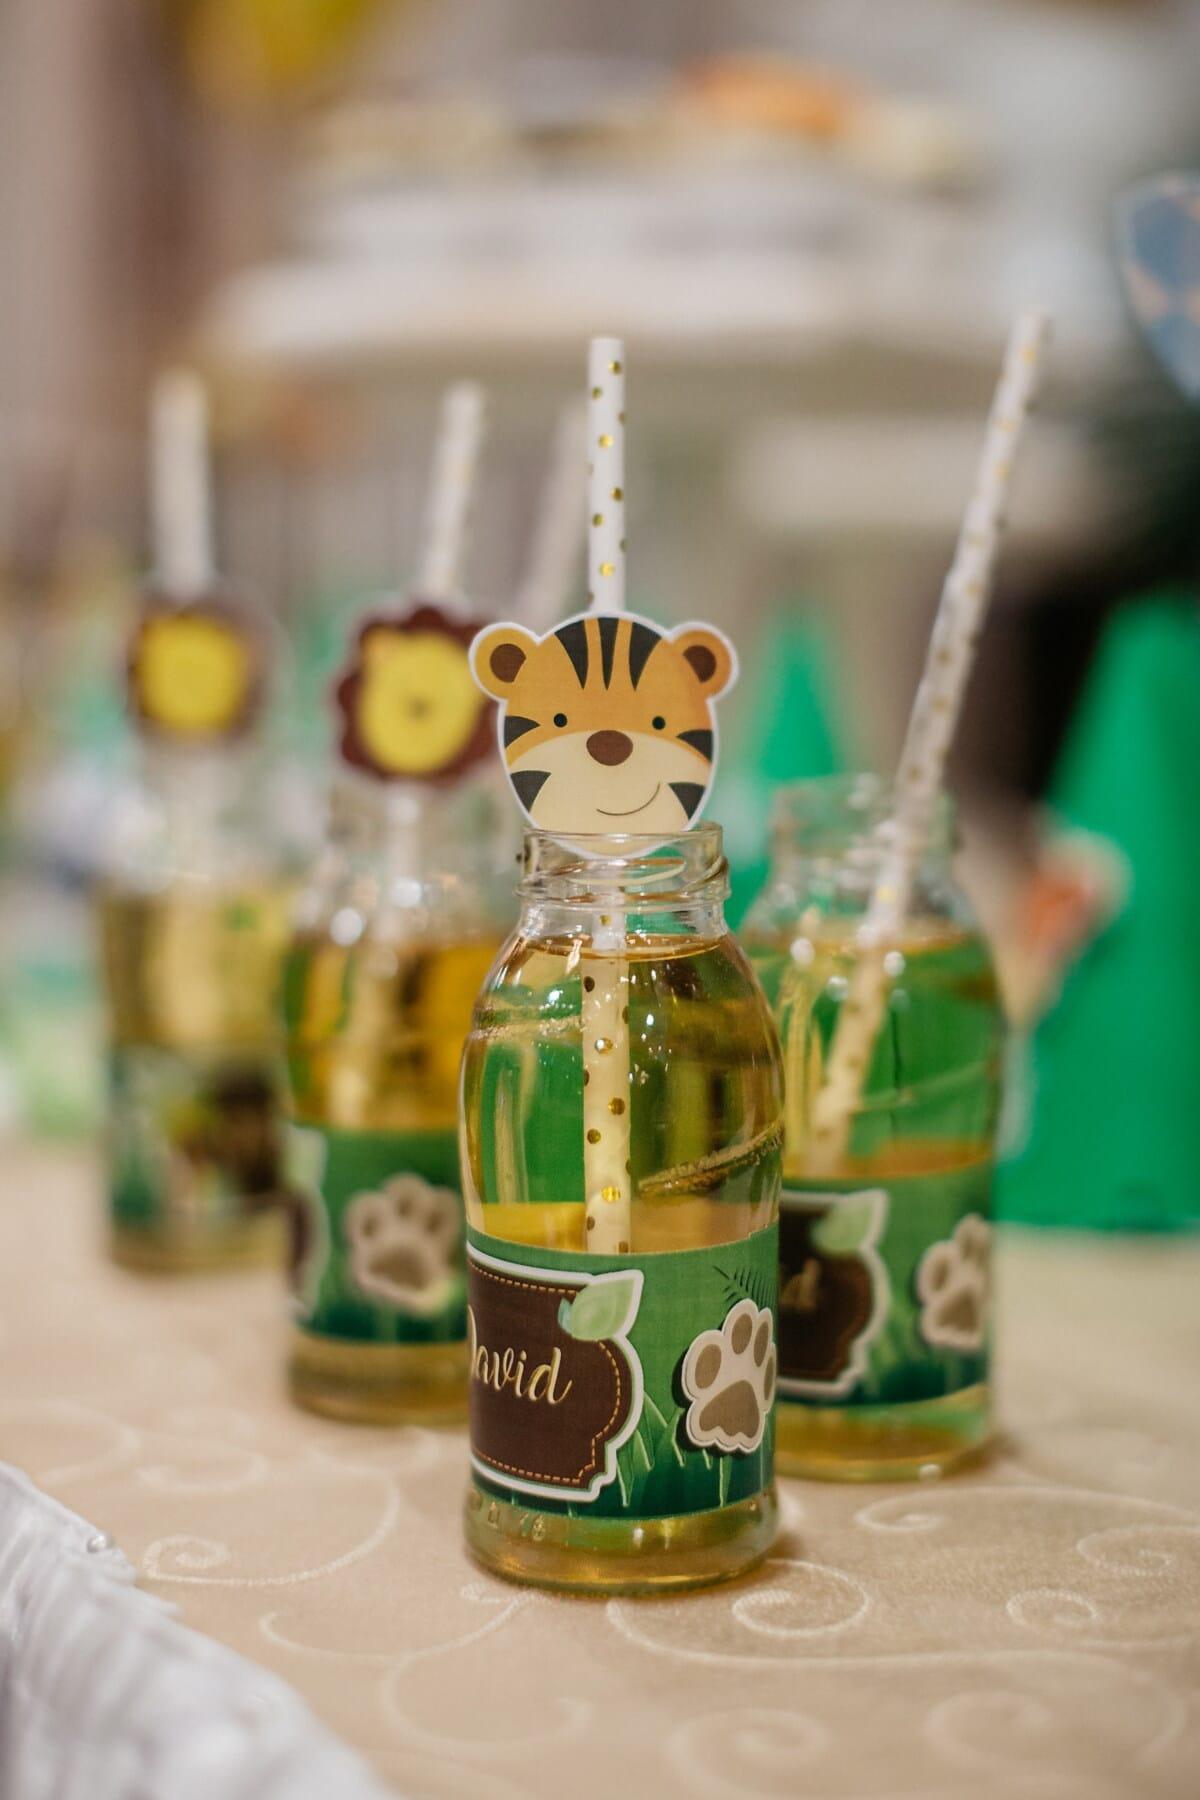 limonade, jus de fruits, anniversaire, pot, décoration, verre, traditionnel, à l'intérieur, à l'extérieur, fait main